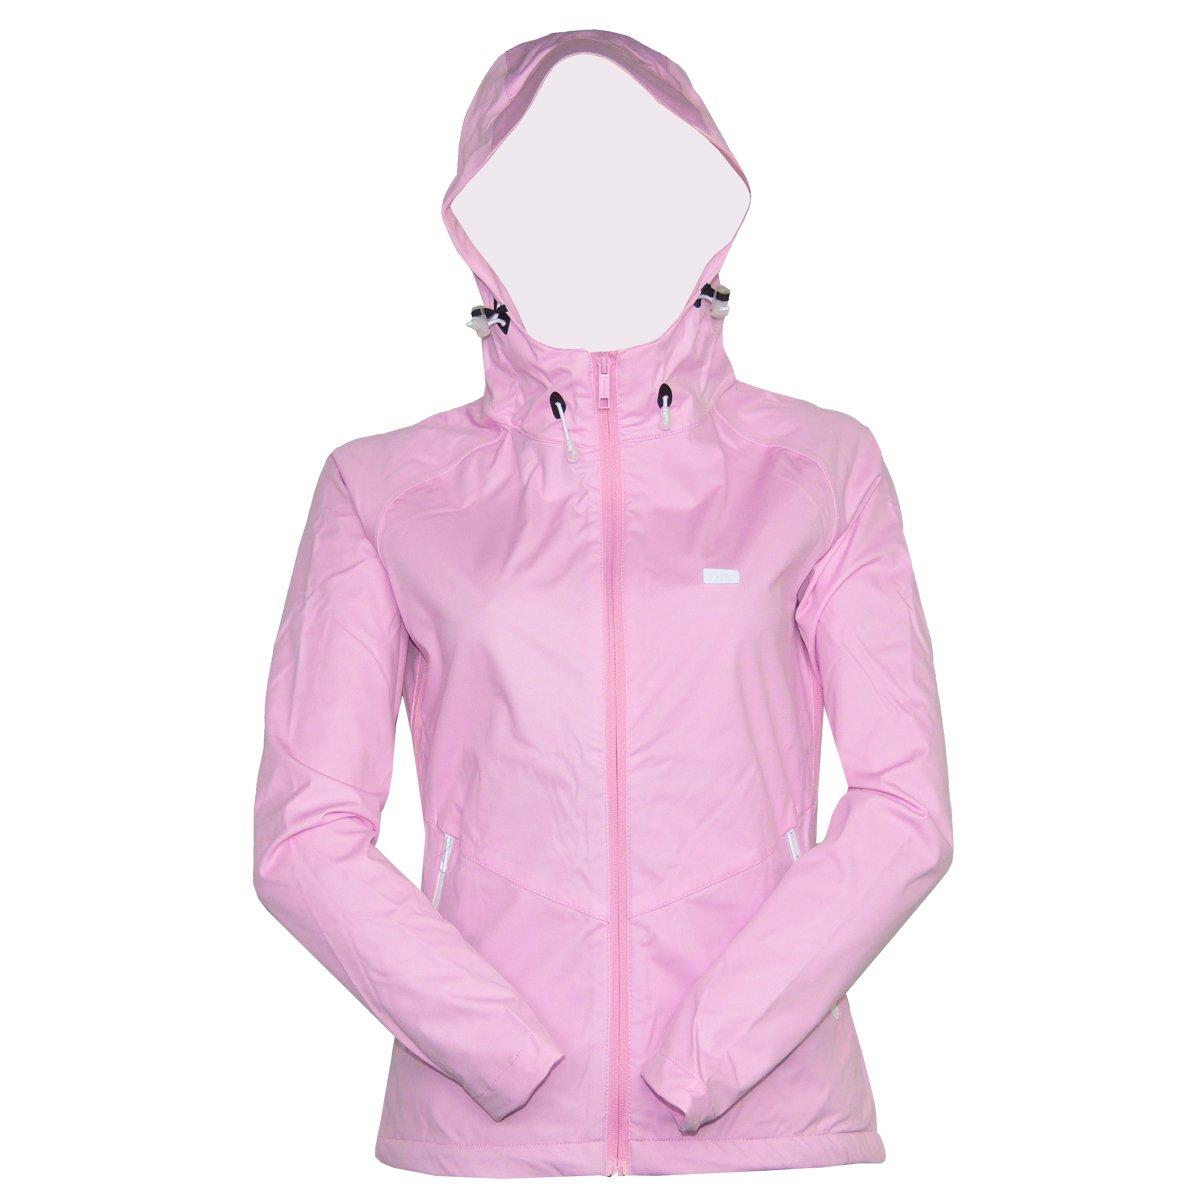 2117 of Sweden KALL Hood Softshell Jacket Damen Kapuzen- Outdoorjacke Funktionsjacke 7613903